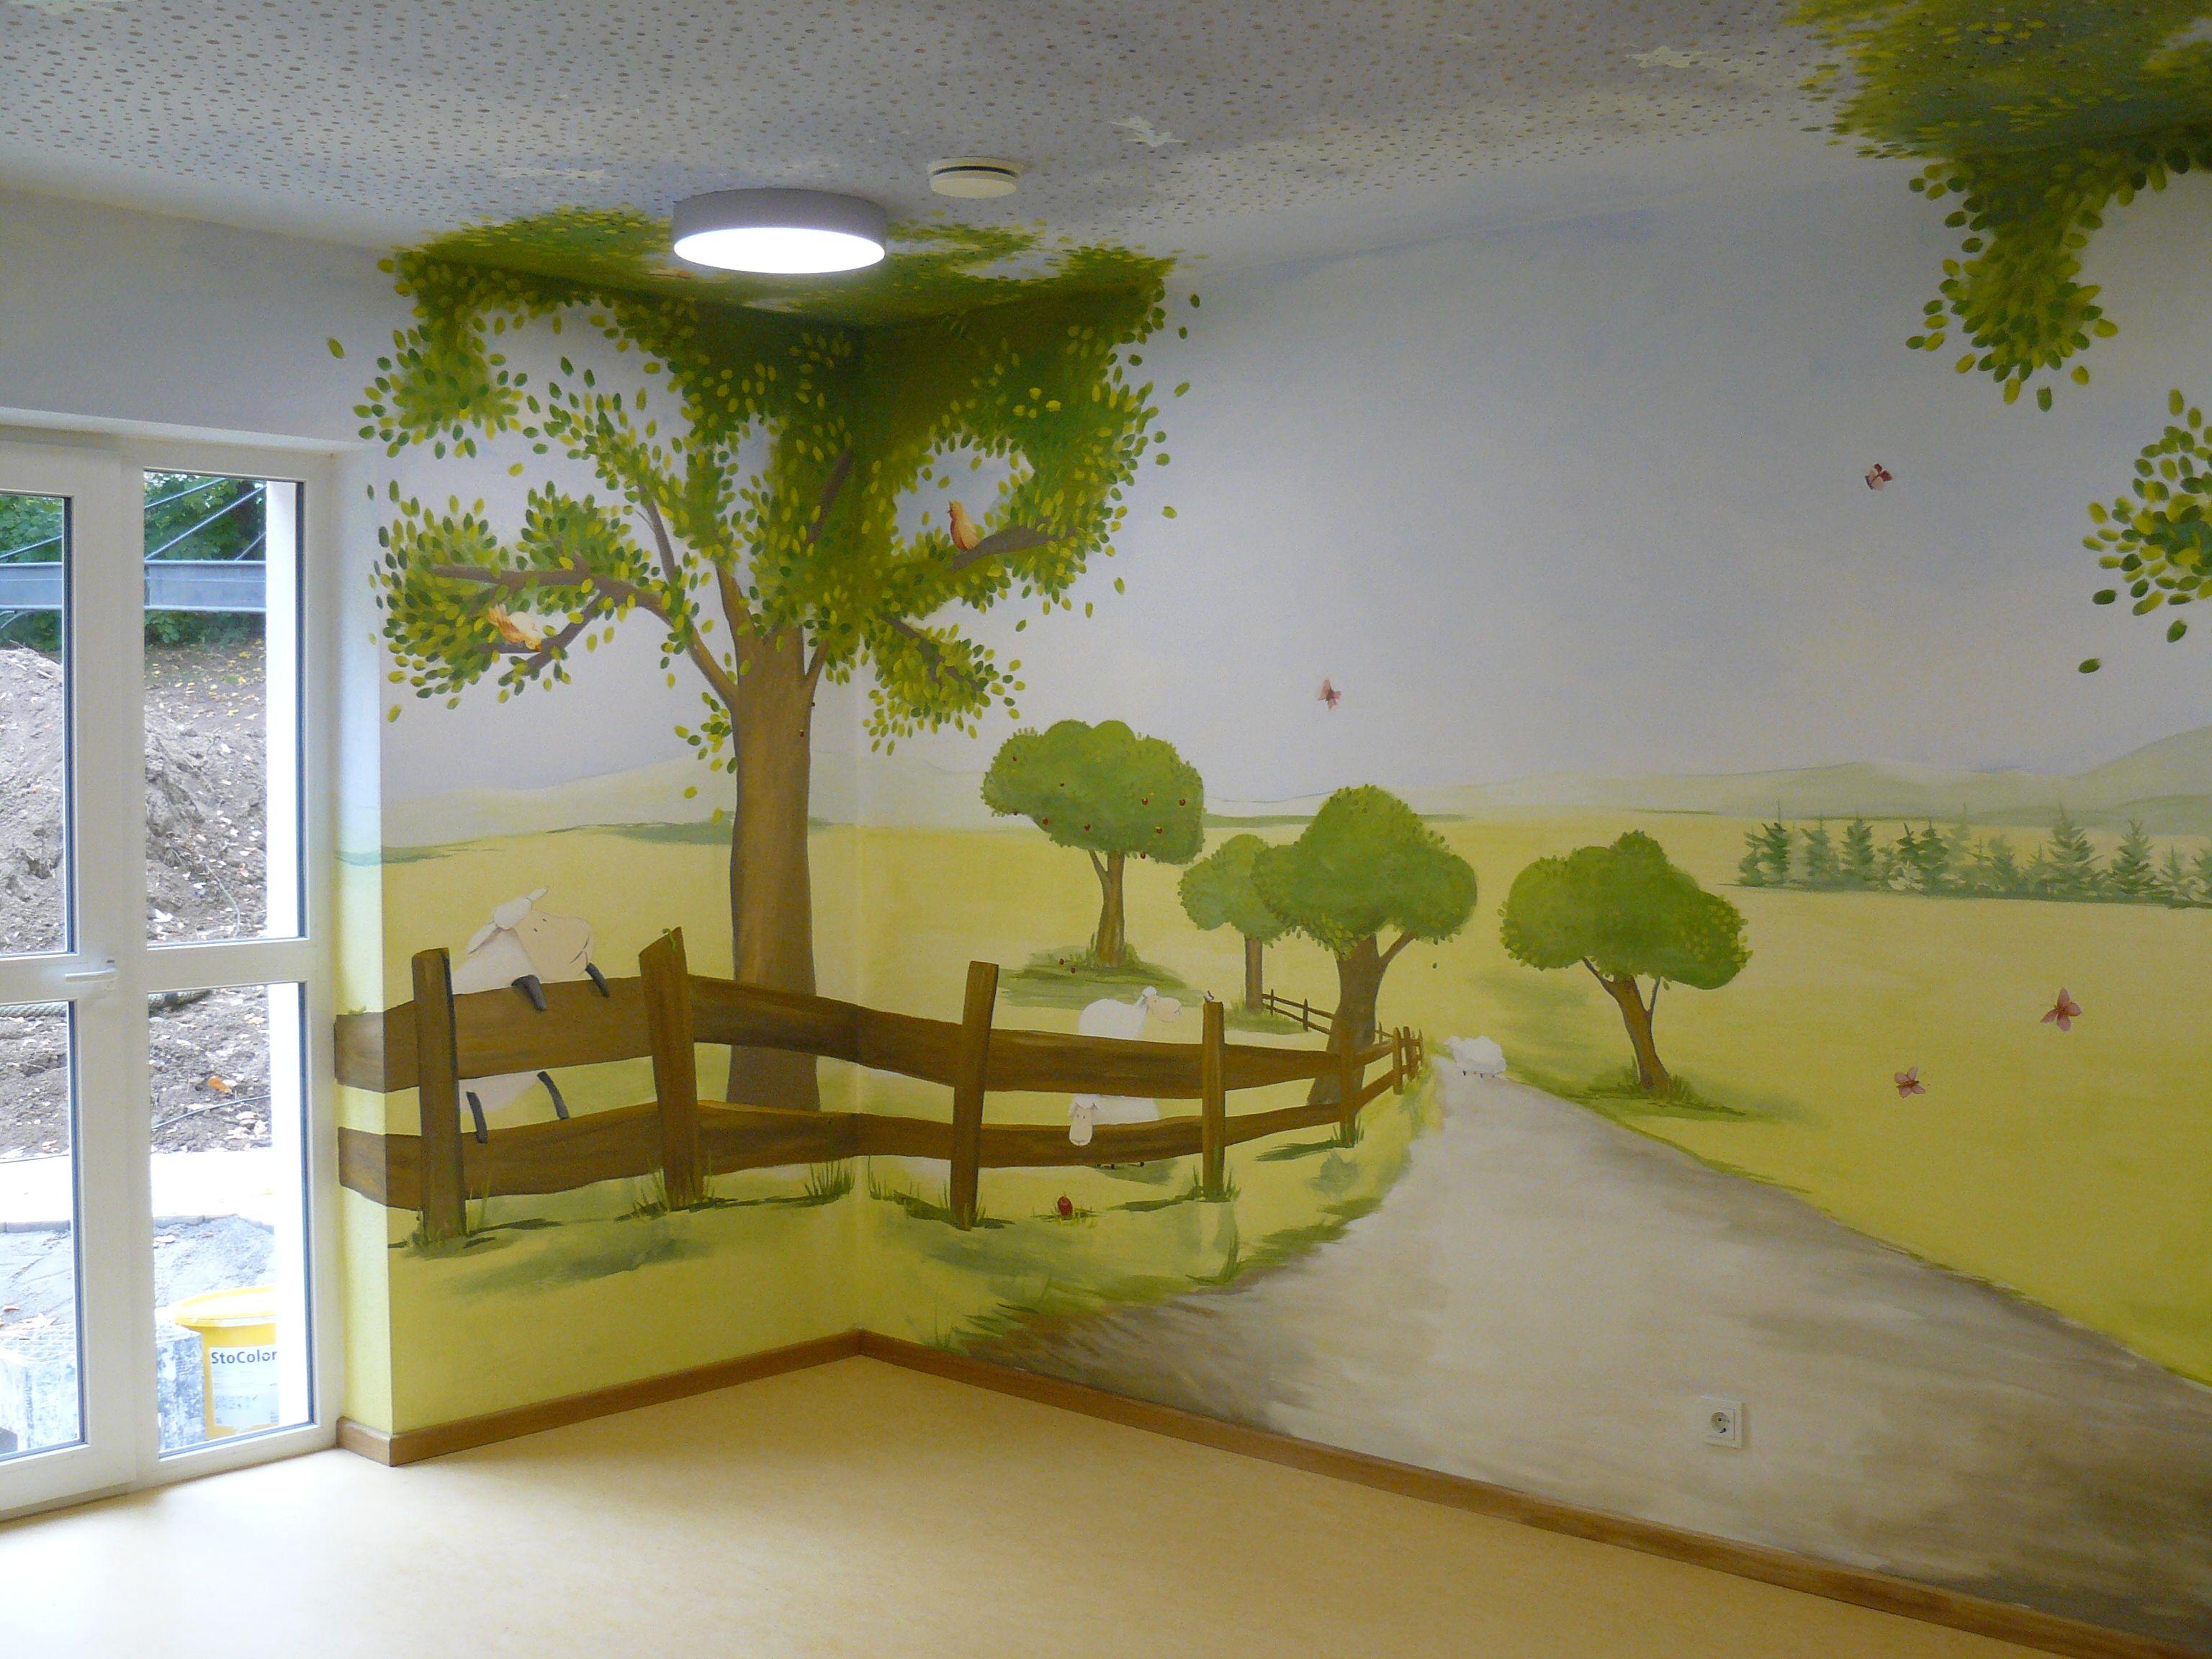 carola sommer❤malerei wände kinderzimmer schafe bäume, Wohnzimmer dekoo